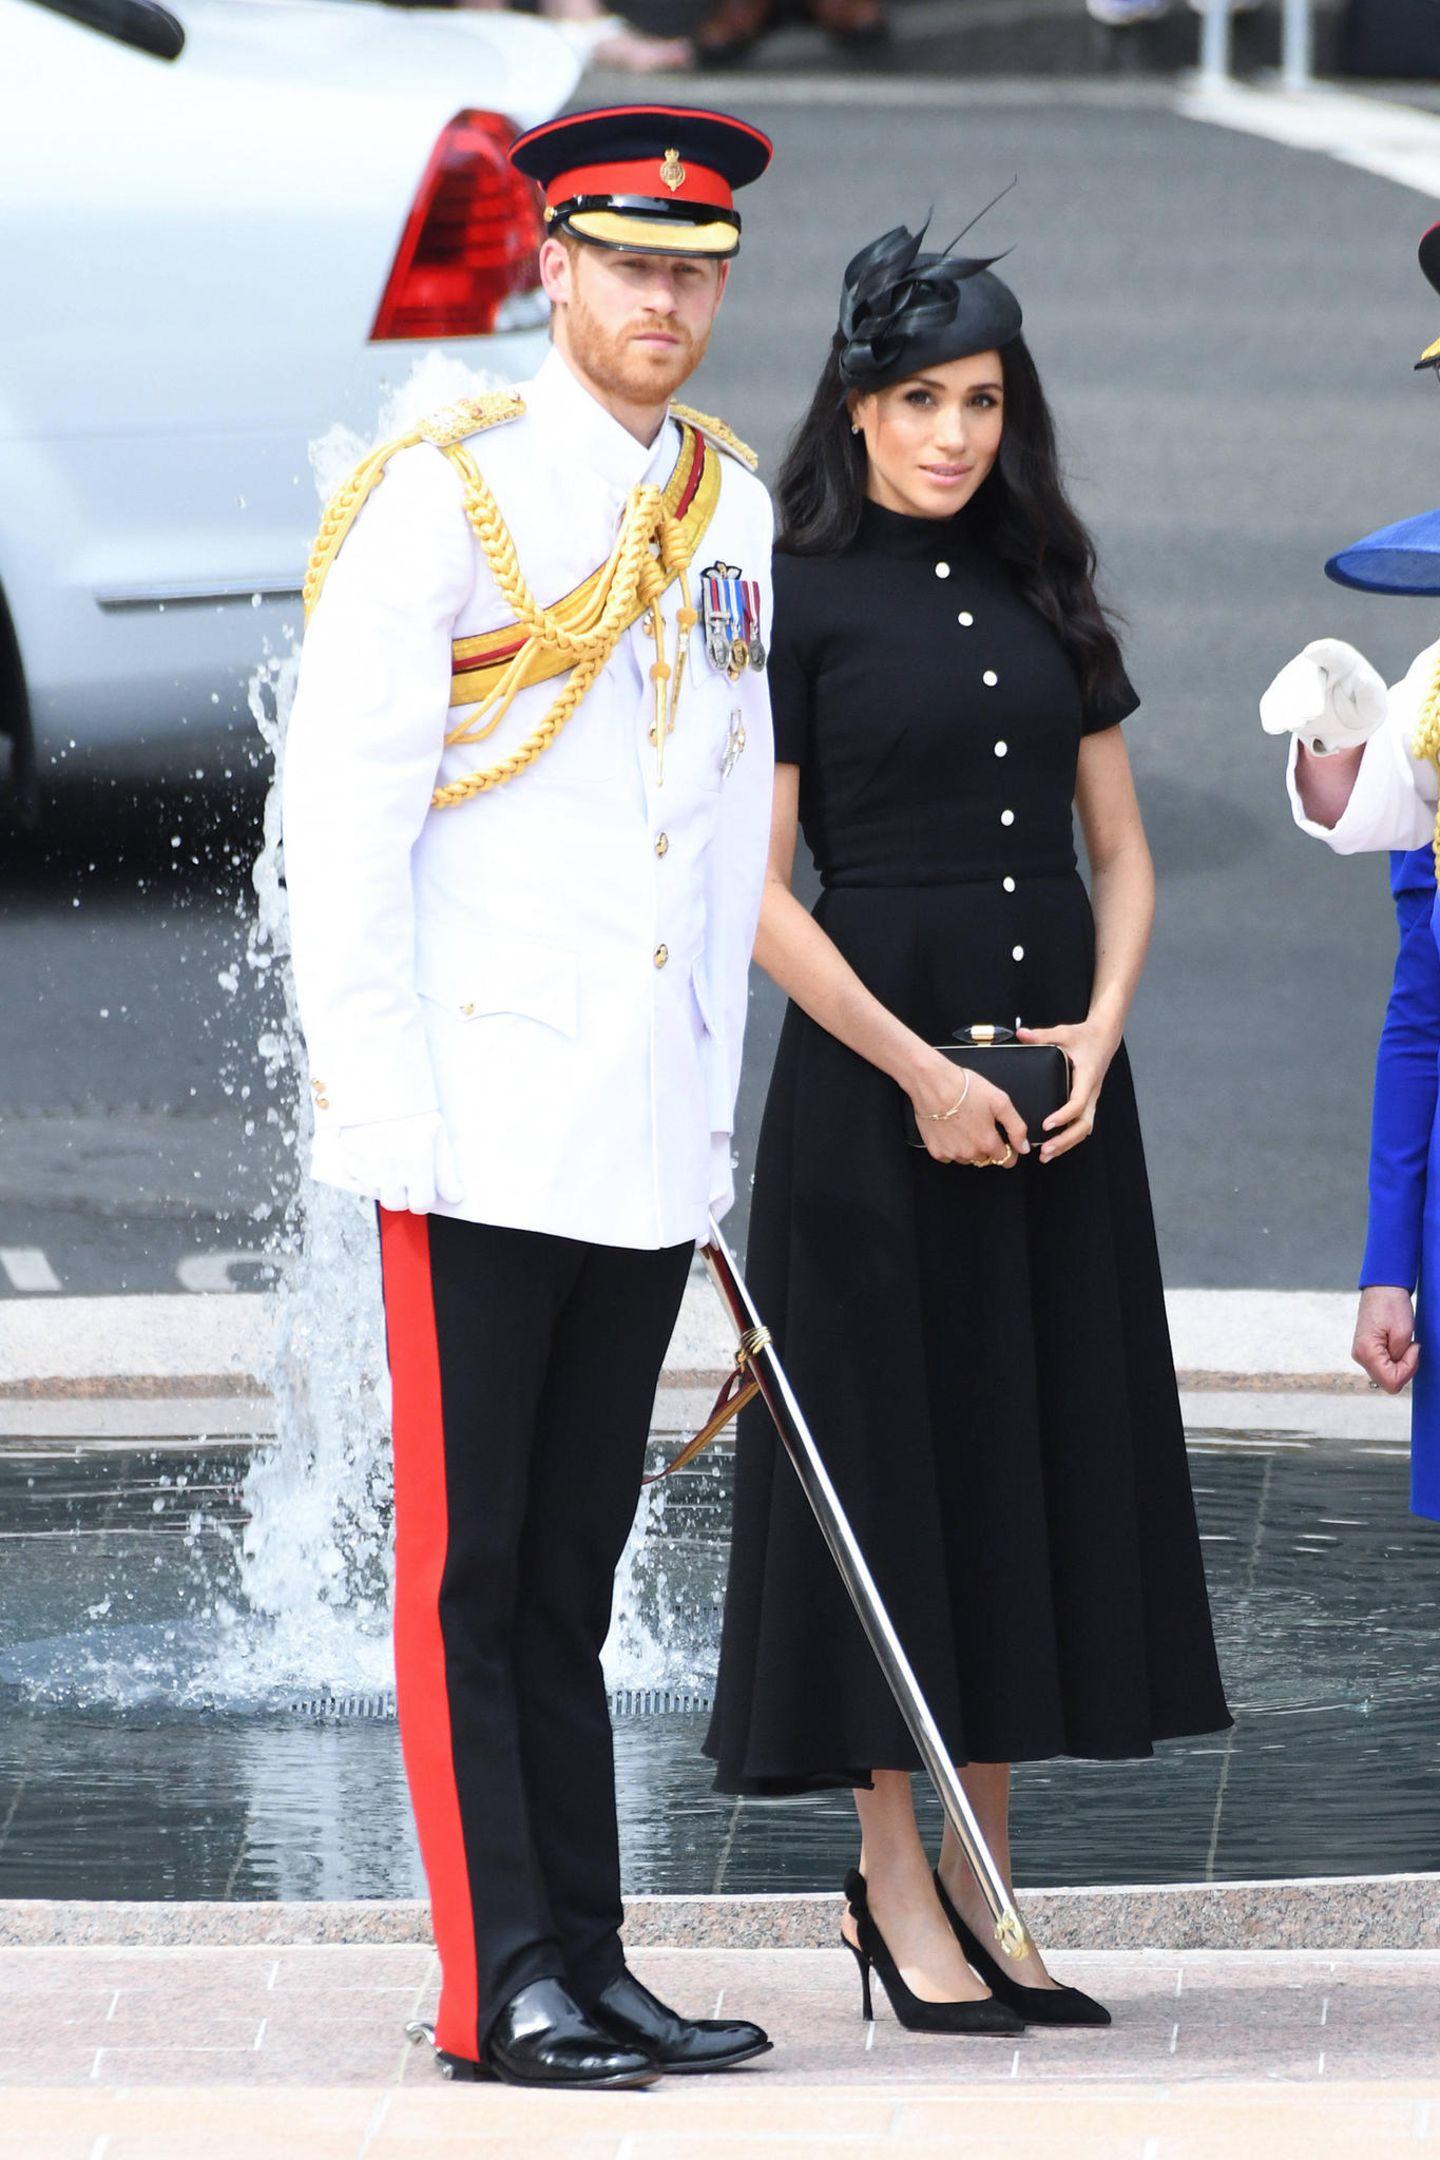 Tag 5   Prinz Harry undHerzogin Meghan besuchendie Neueröffnung des ANZAC Memorial, ein Kriegsdenkmal des Ersten Weltkriegs, im Hyde Park in Sydney.Harry präsentiert zum ersten Mal seine neue Uniform mit den Aiguilettes (Achselschnur). Der Grund ist eine Beförderung:Harry ist jetzt persönlicher Aide-de-Camps von Königin Elisabeth II.